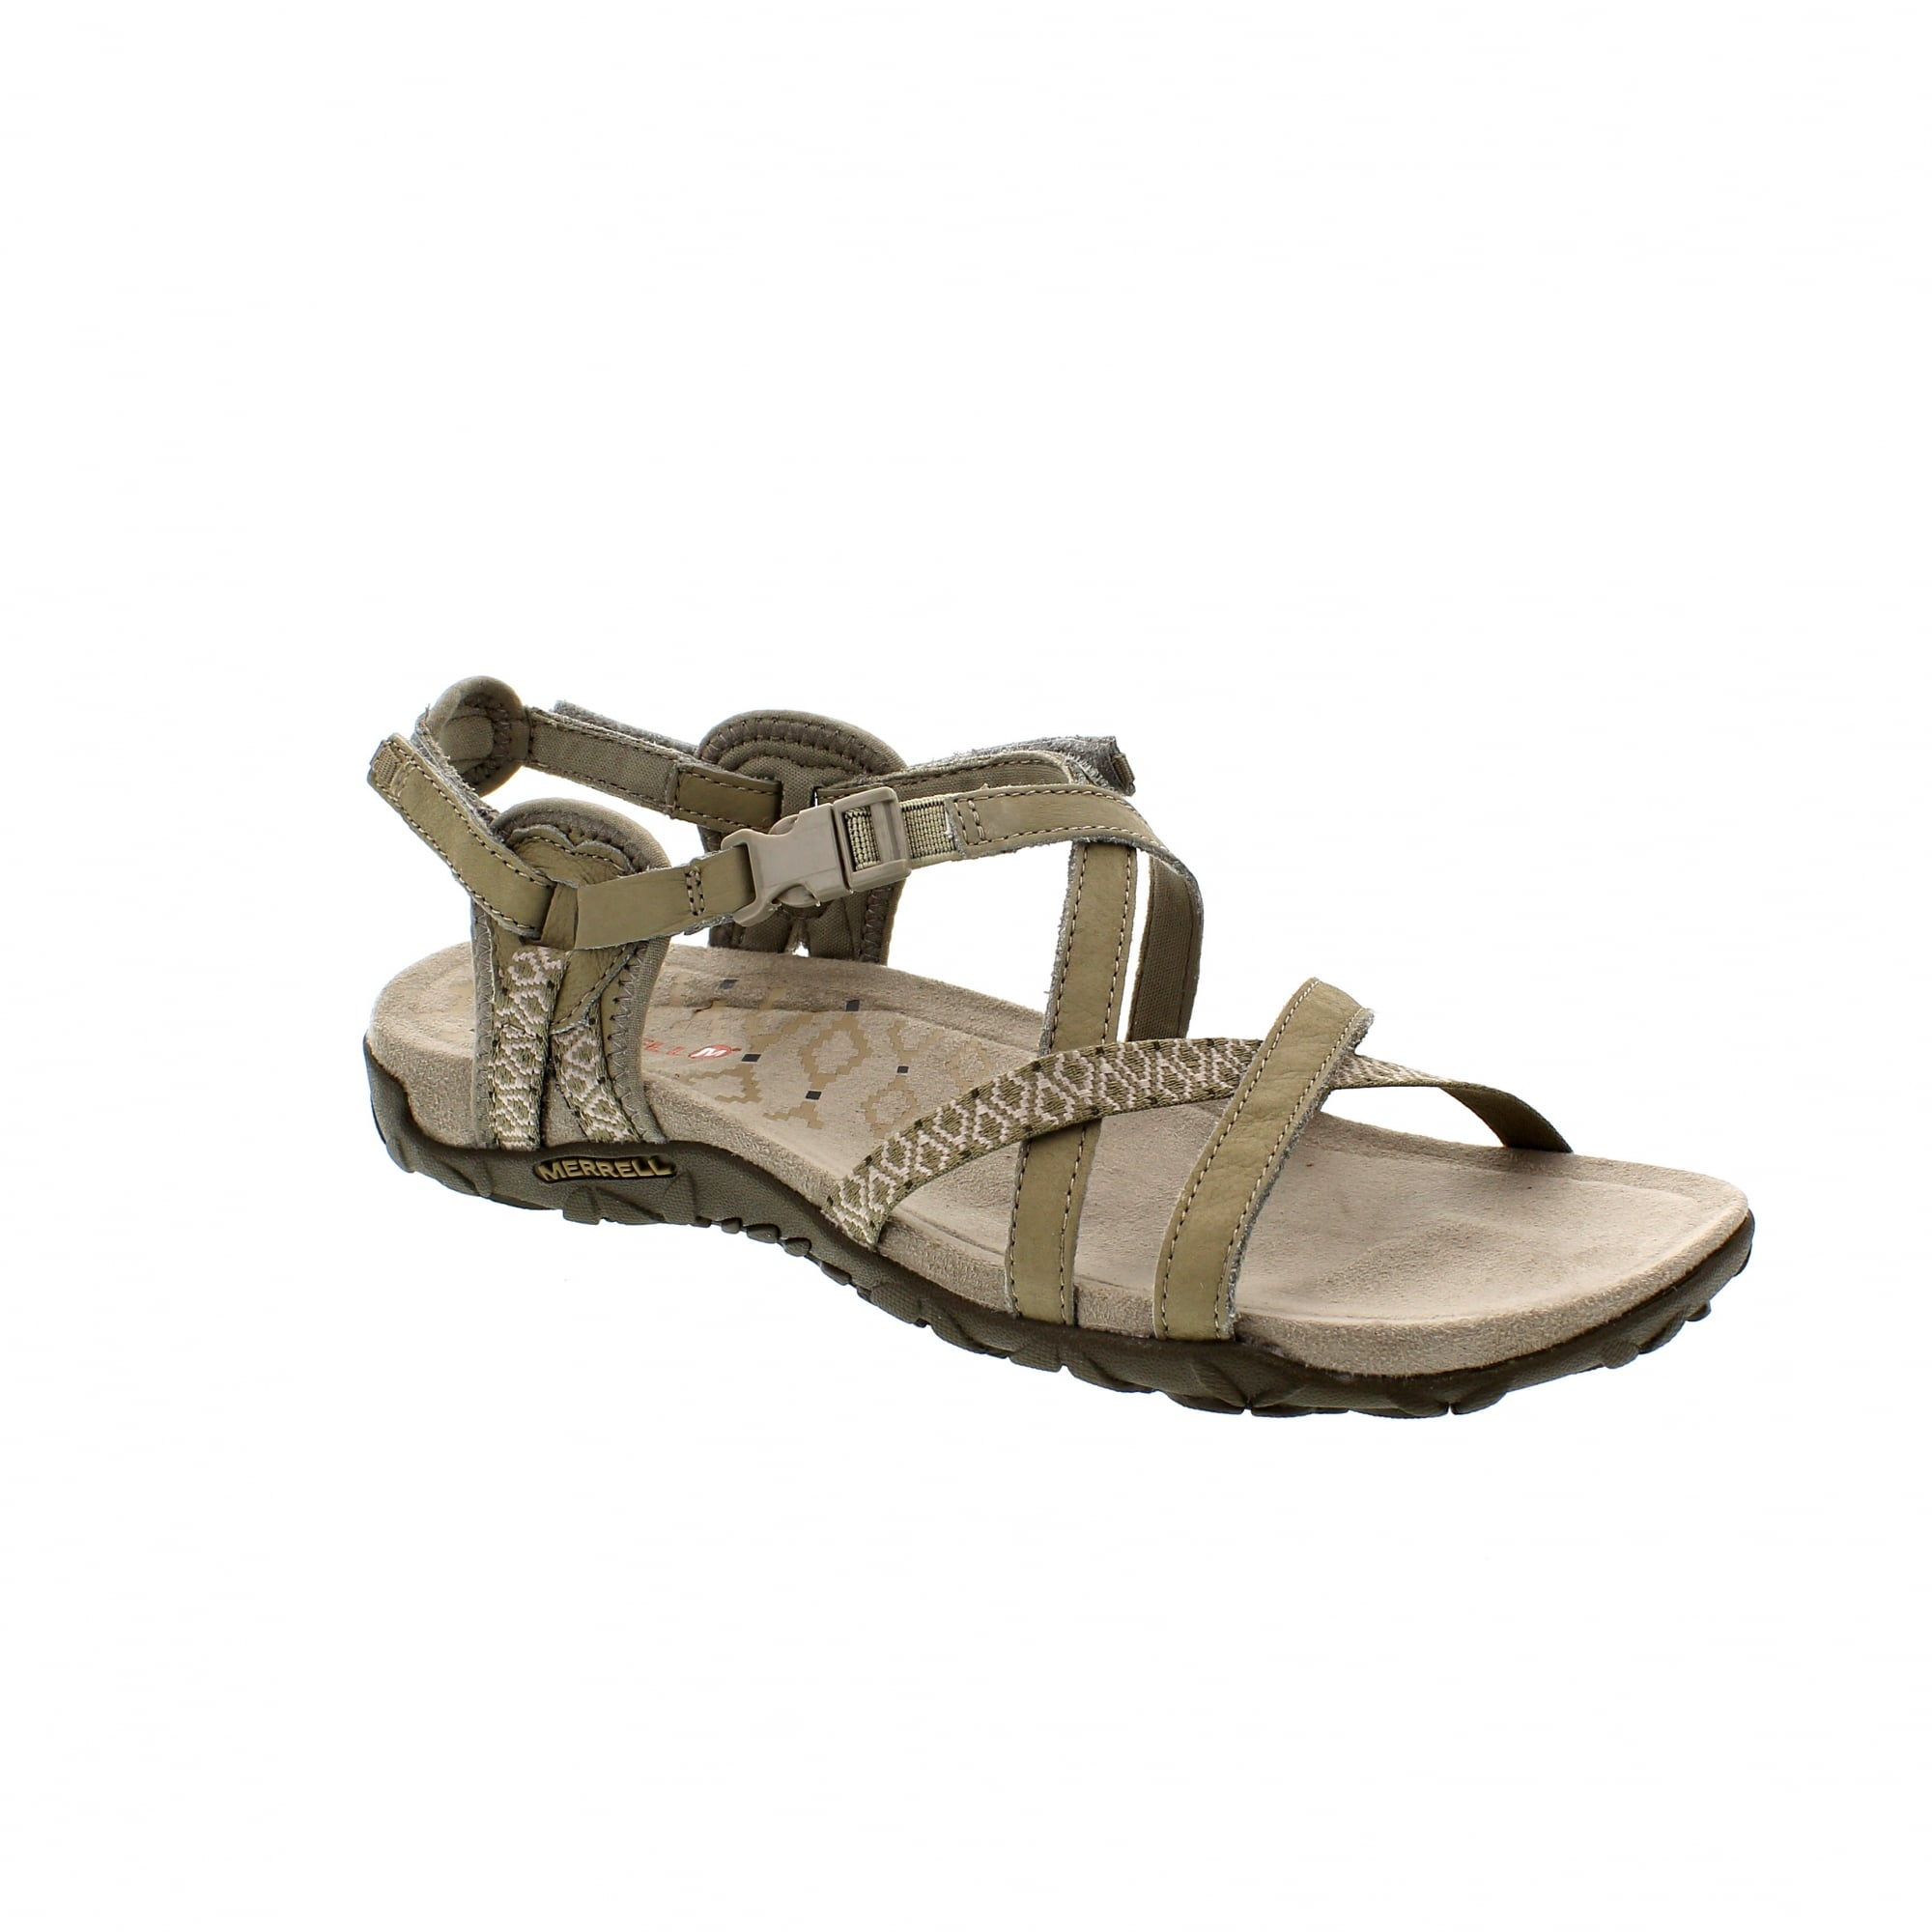 c10978009 Merrell Terran Lattice II J02766 Womens Walking Sandals